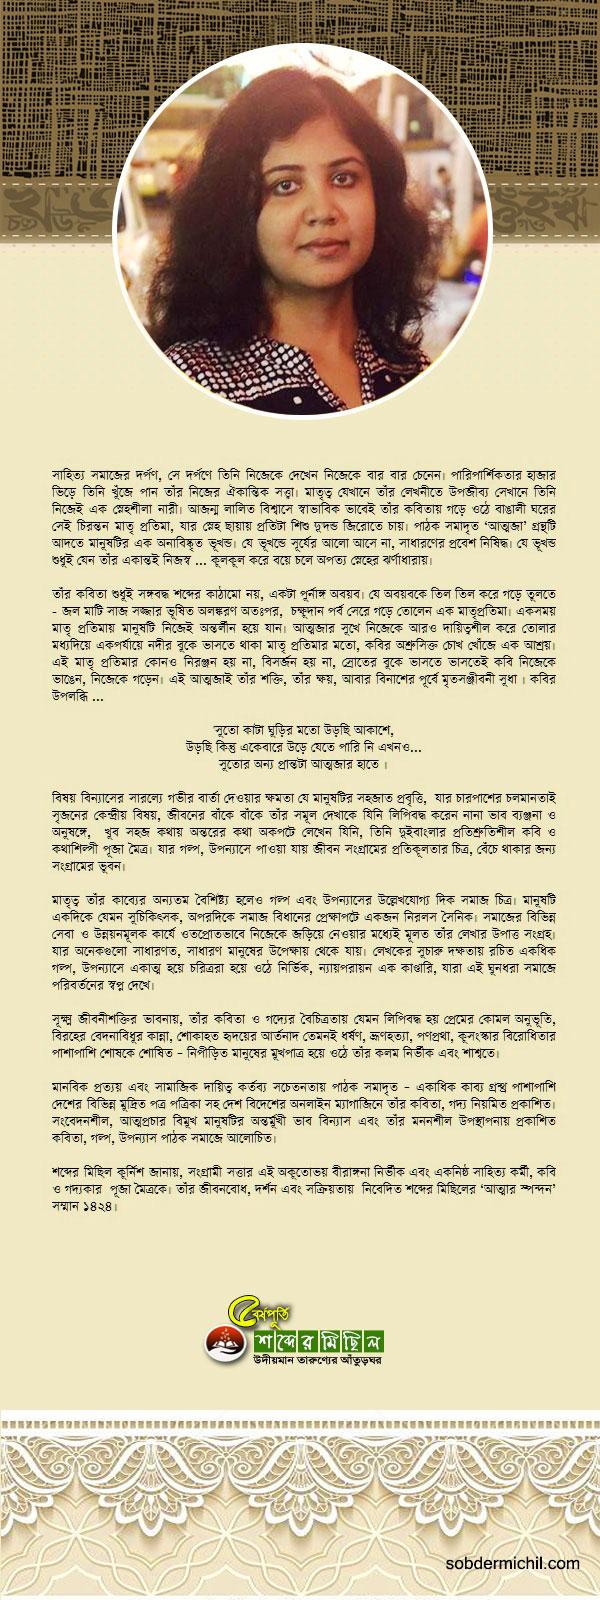 'আত্মার স্পন্দন' সম্মান ১৪২৪ / পূজা মৈত্র